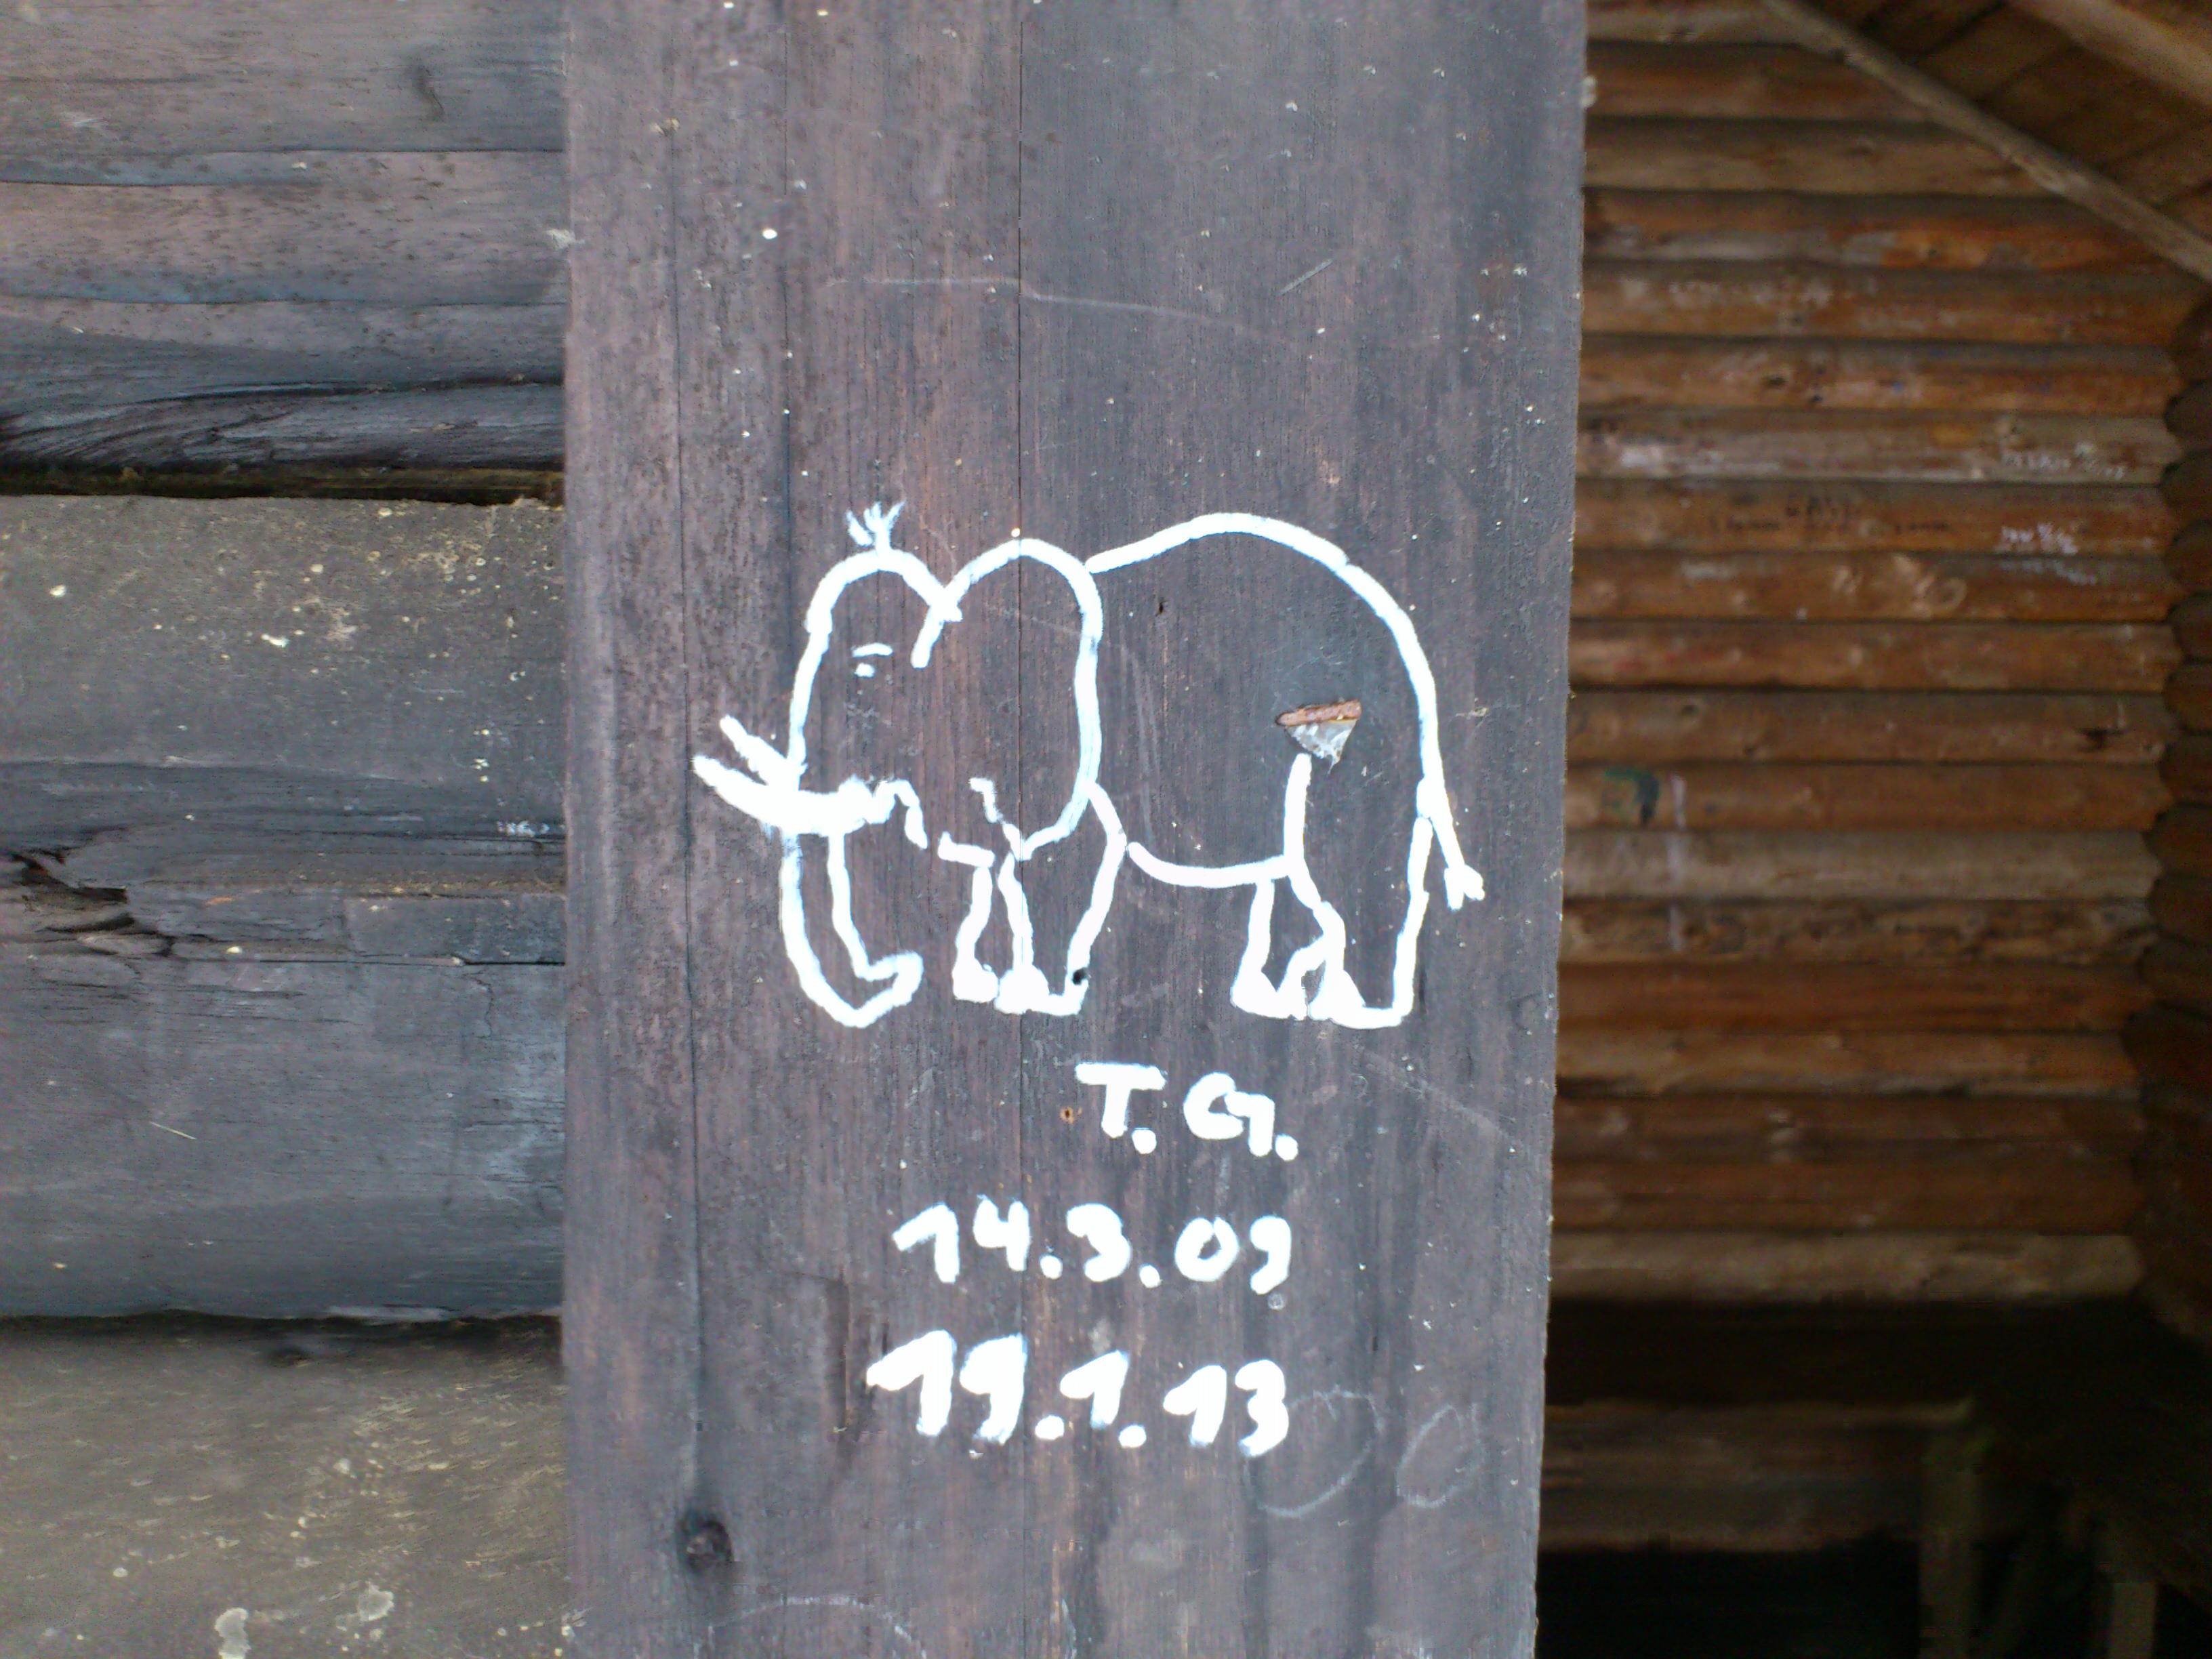 elefanttg